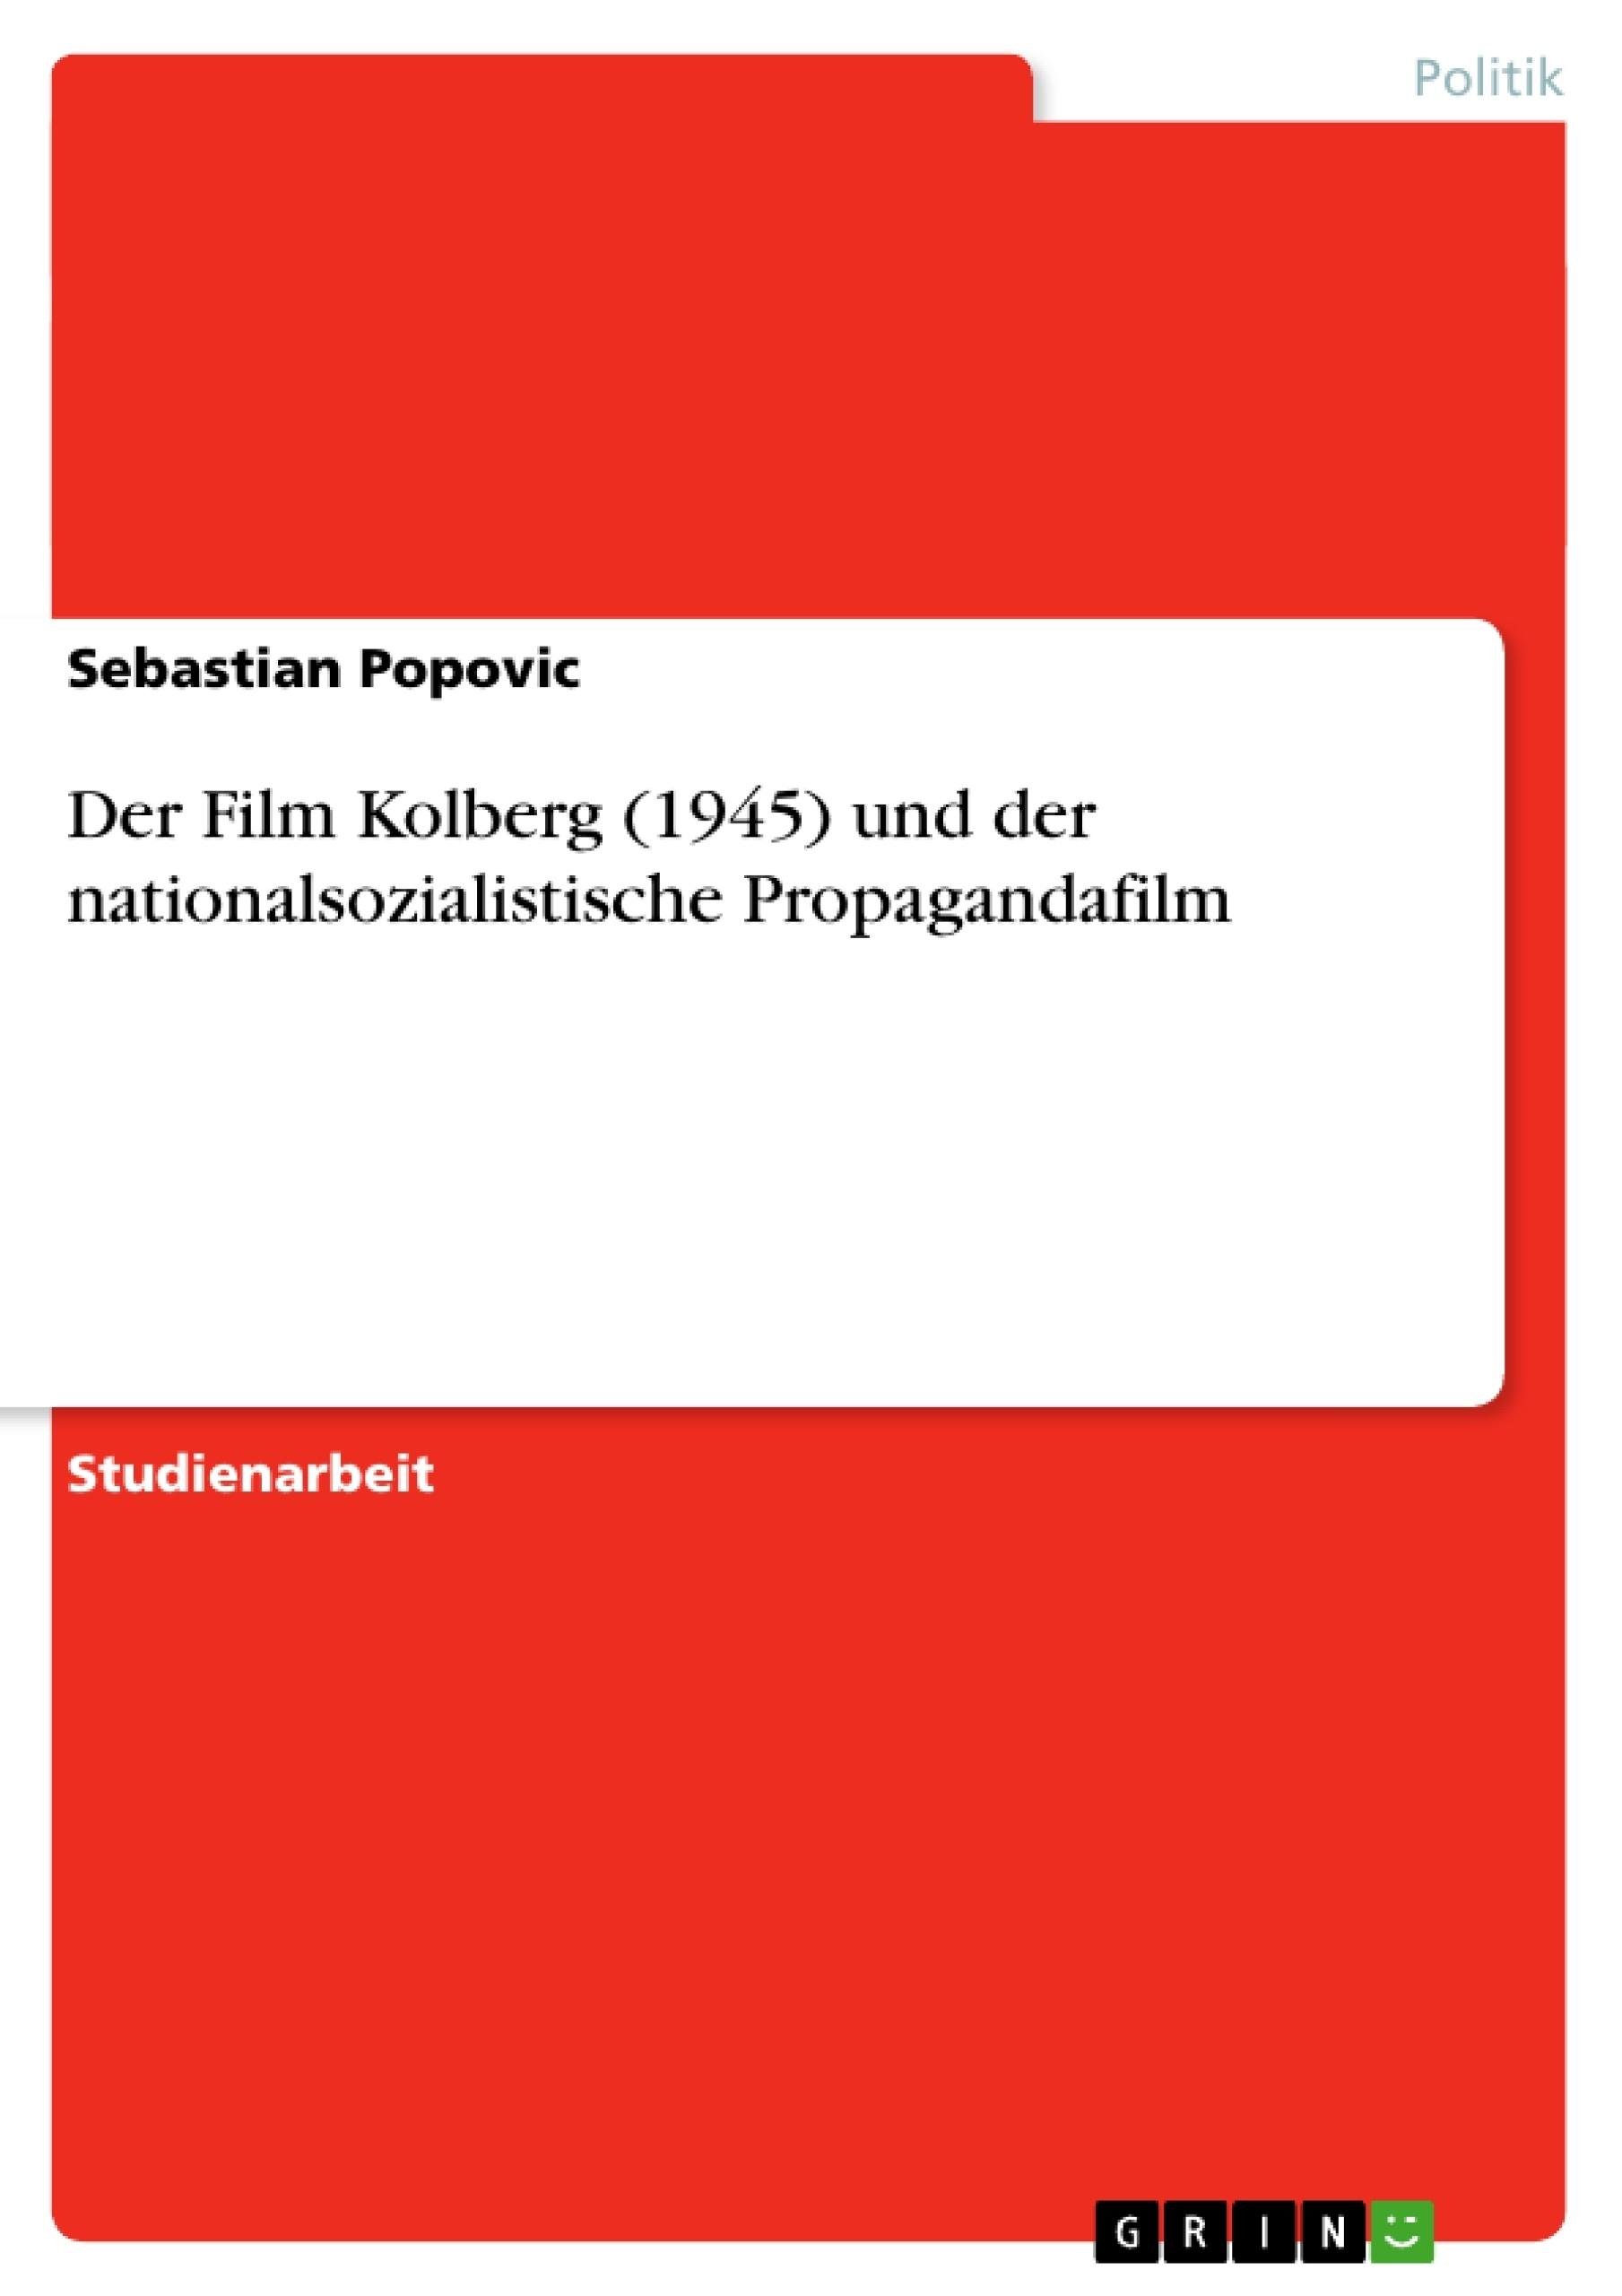 Titel: Der Film Kolberg (1945) und der nationalsozialistische Propagandafilm